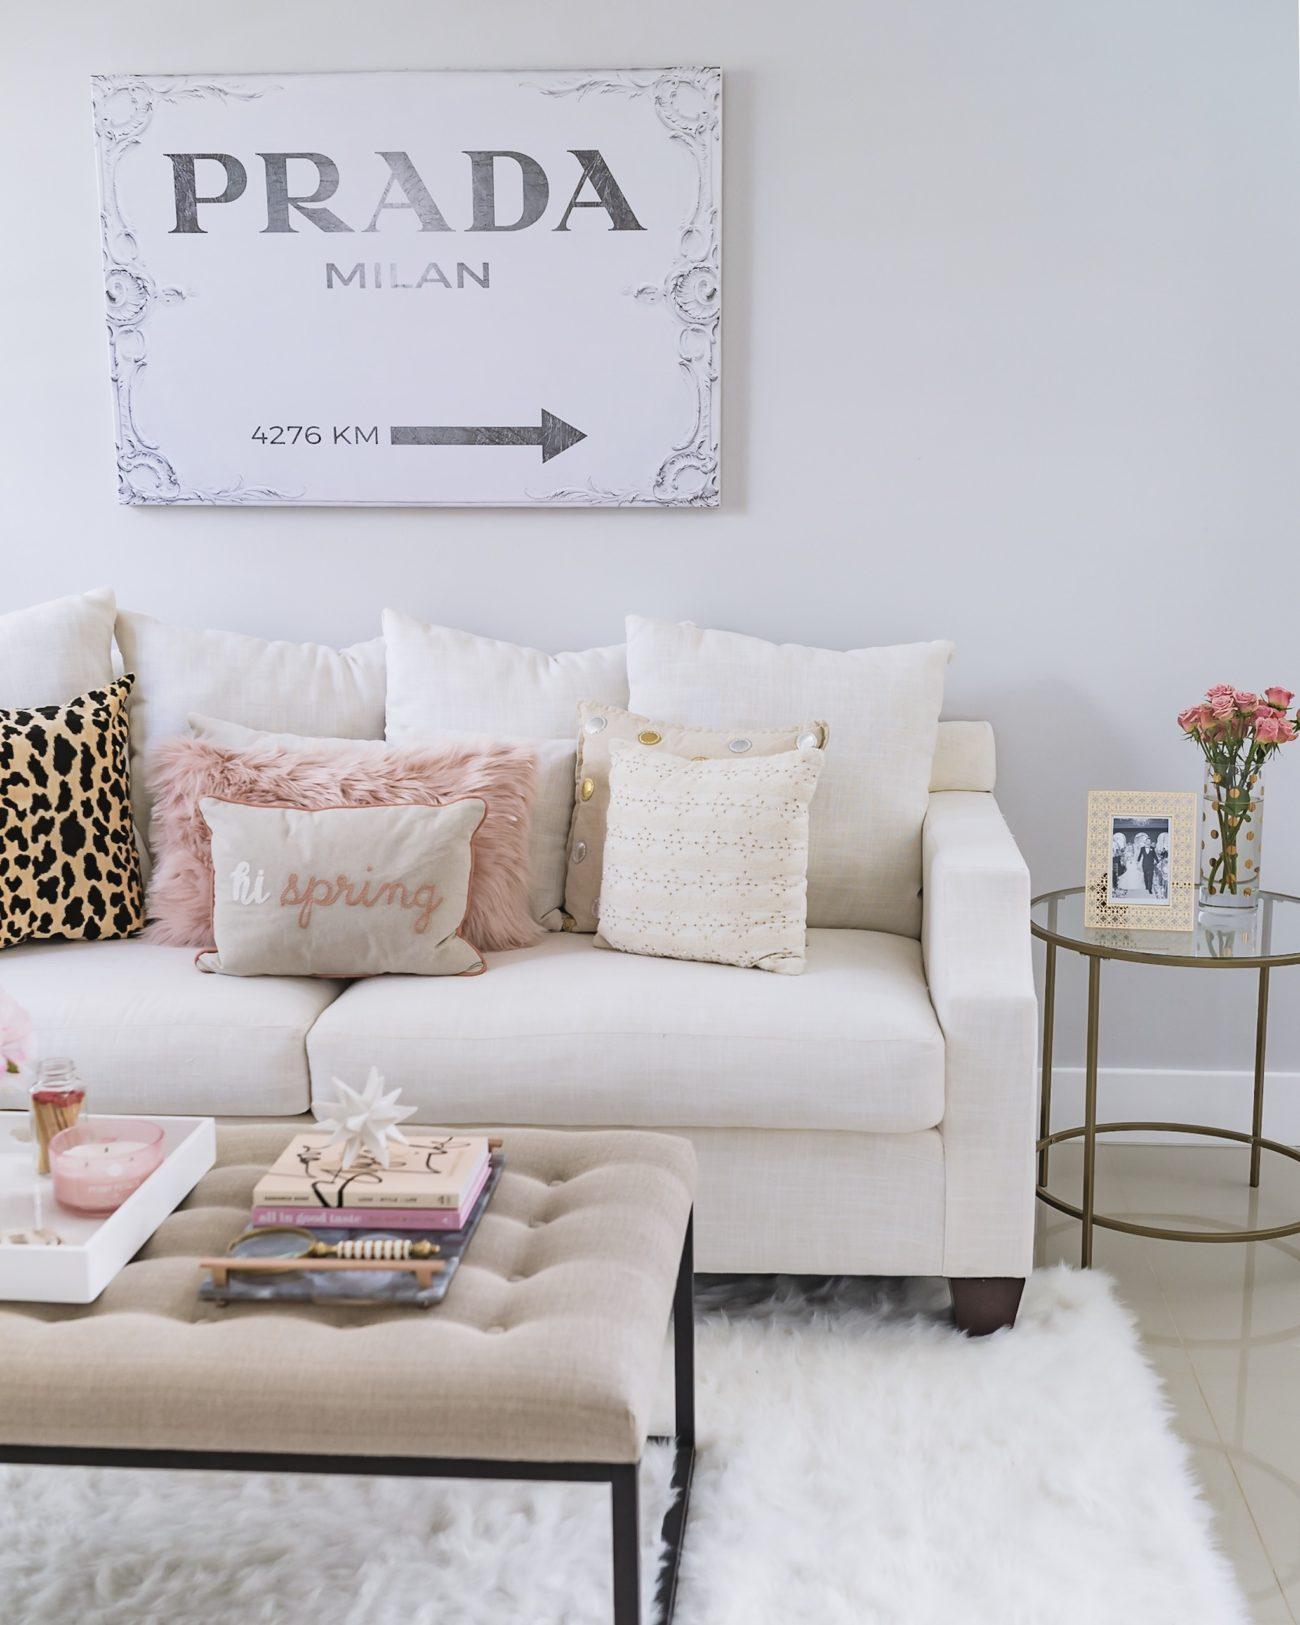 Prada Canvas Z Gallerie Artwork Fancy Things Living Room - Fancy Things